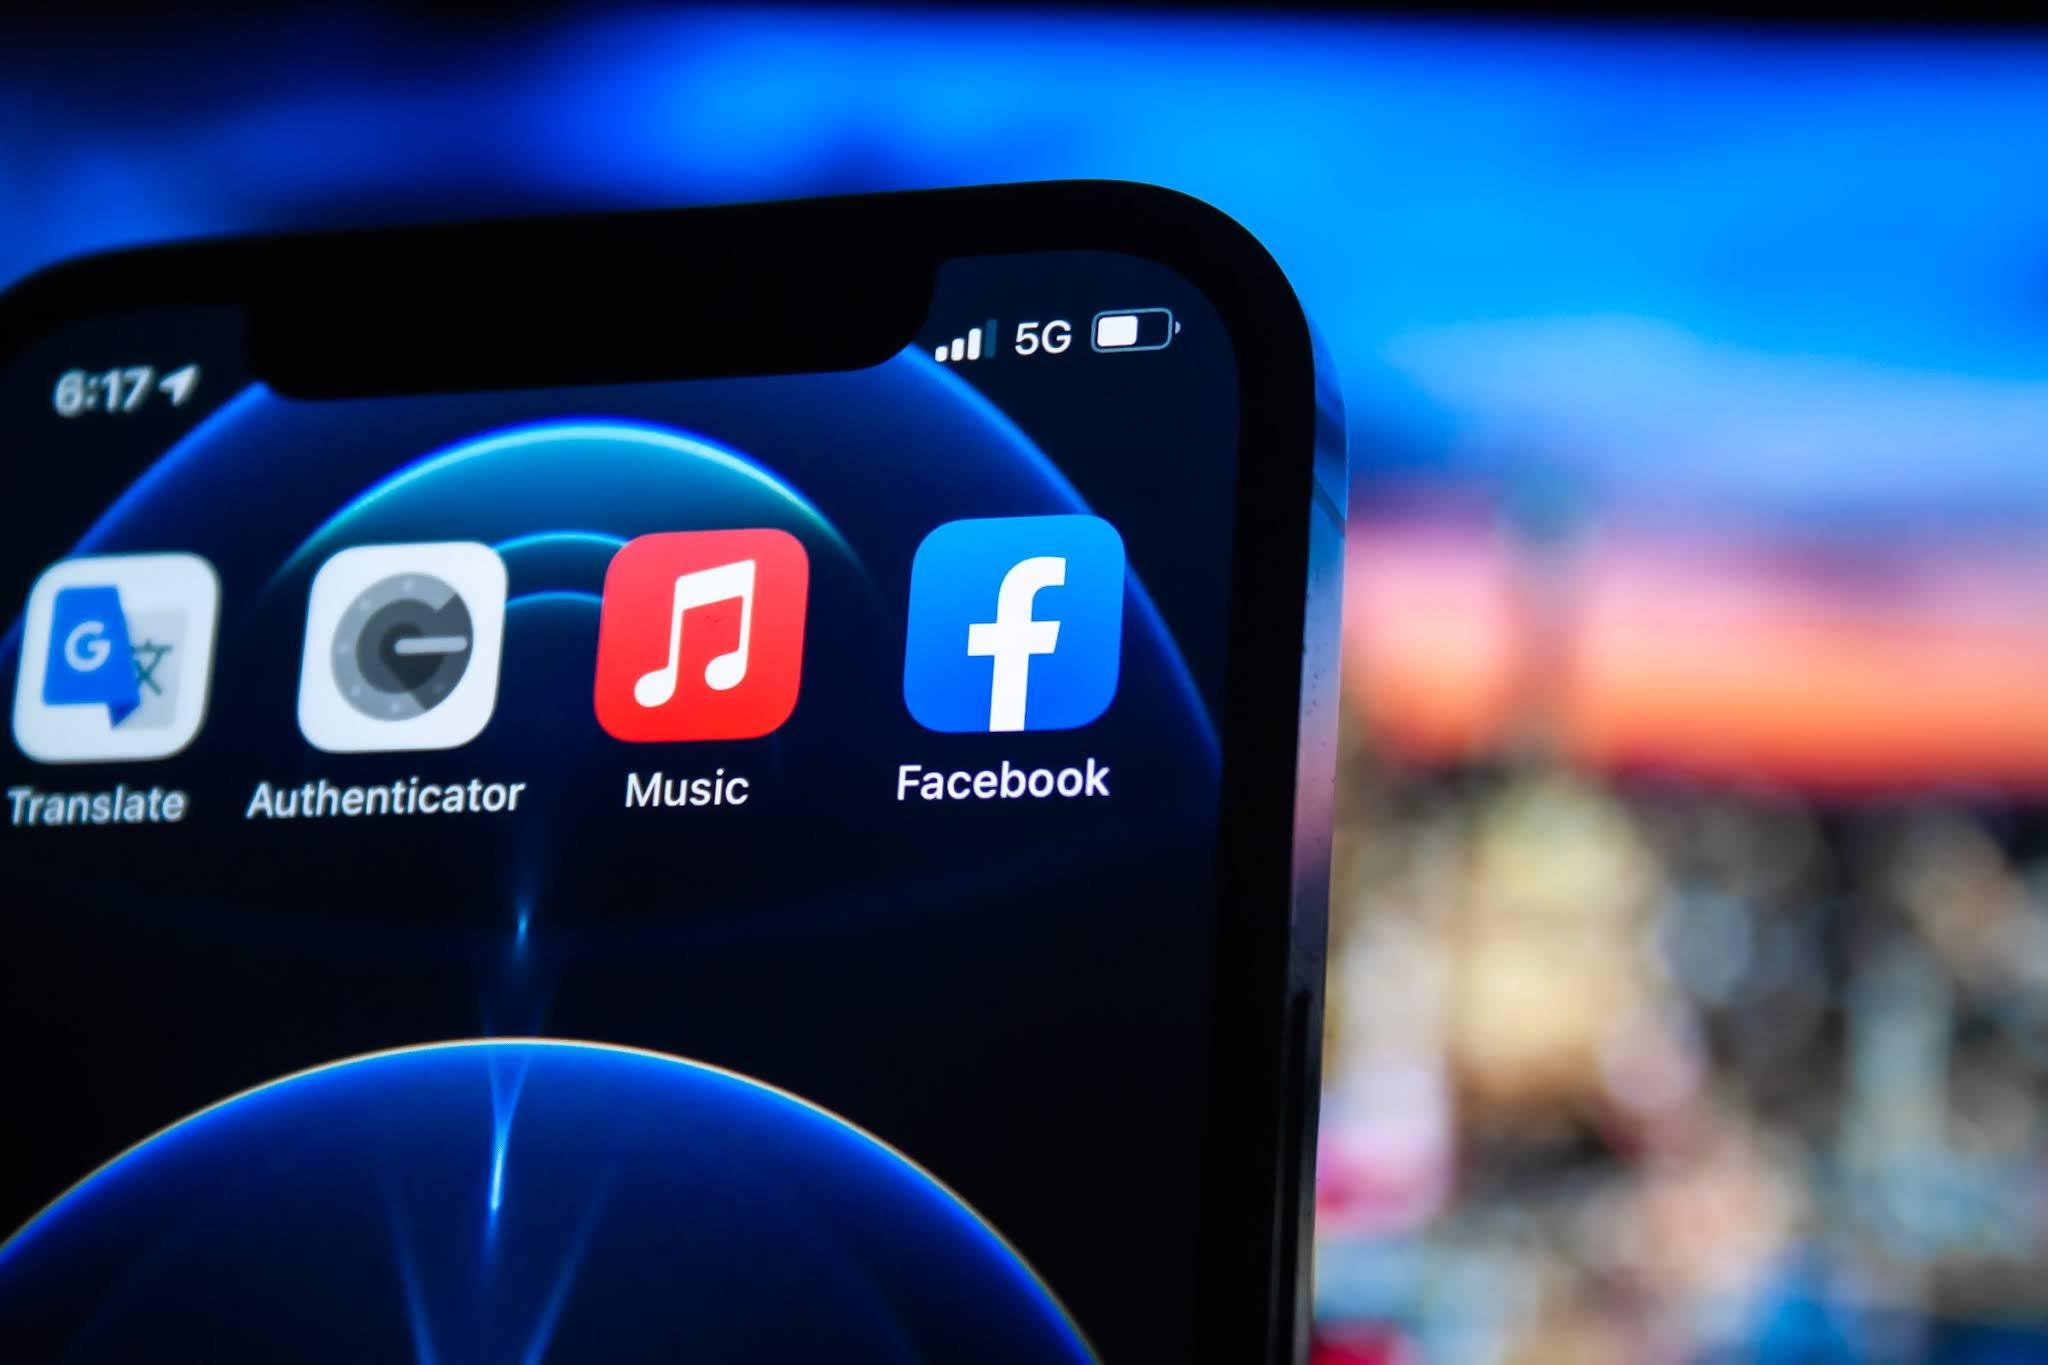 تقلص ثروة زوكربيرغ بعد انقطاع خدمة فيسبوك Facebook وخسائر تقدر بالمليارات